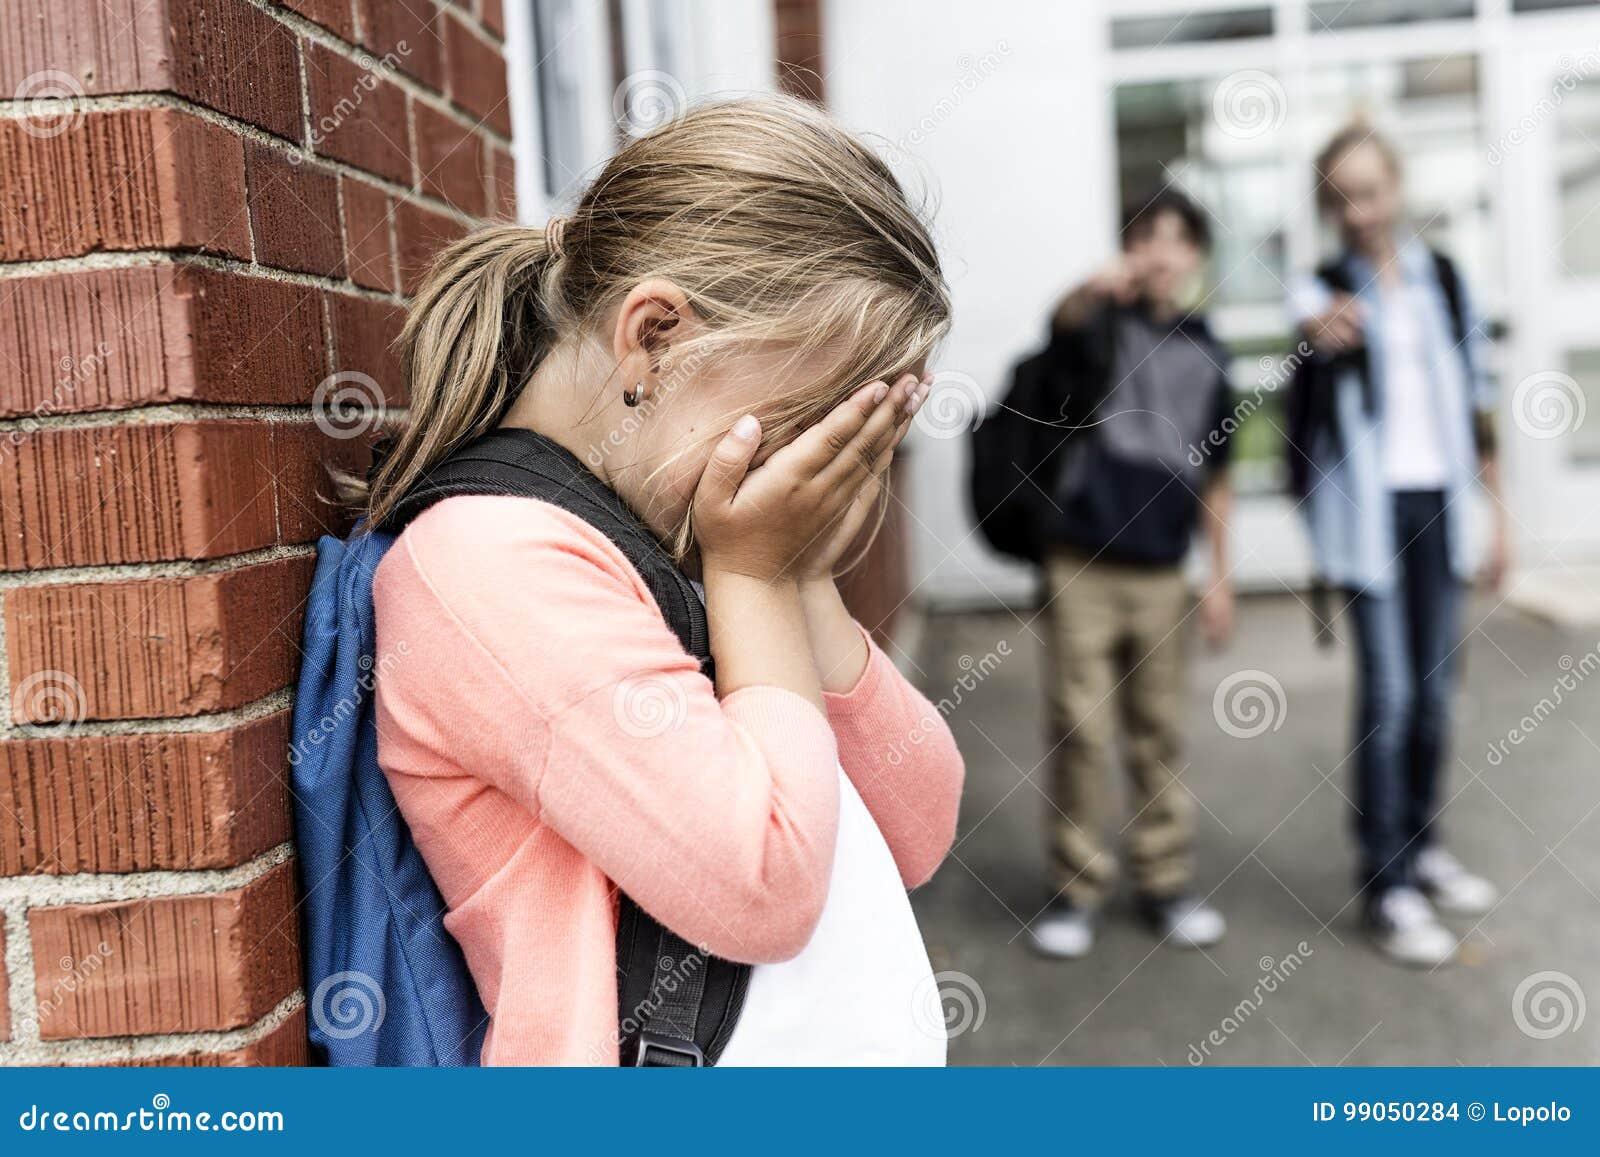 Vrienden bij een speelplaats intimidatie over ander meisje in voorgrond